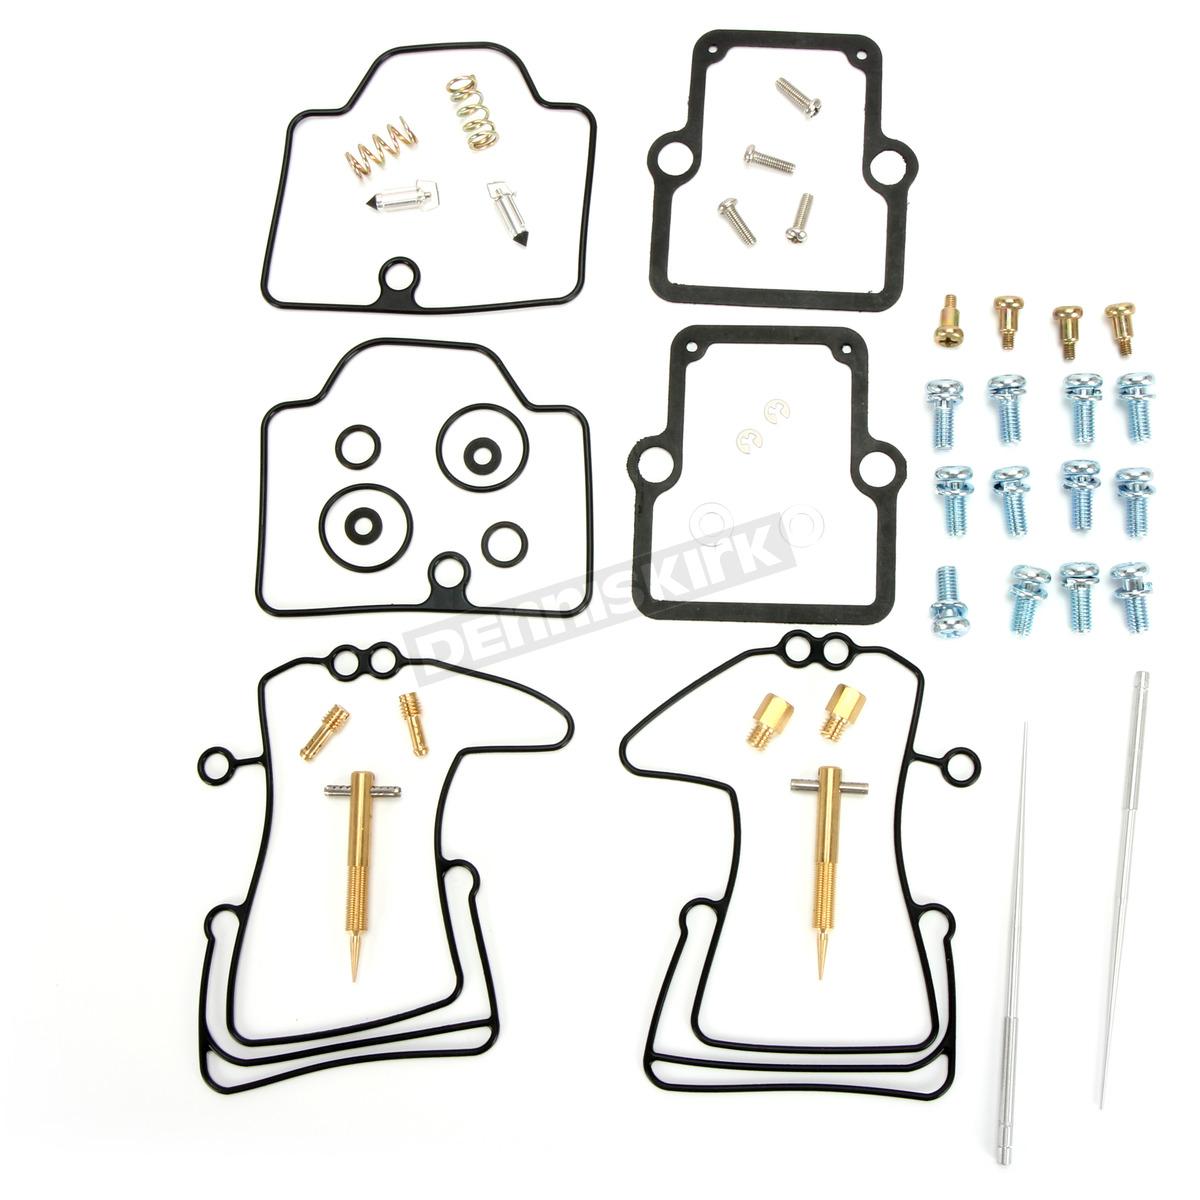 Parts Unlimited Carb Rebuild Kit